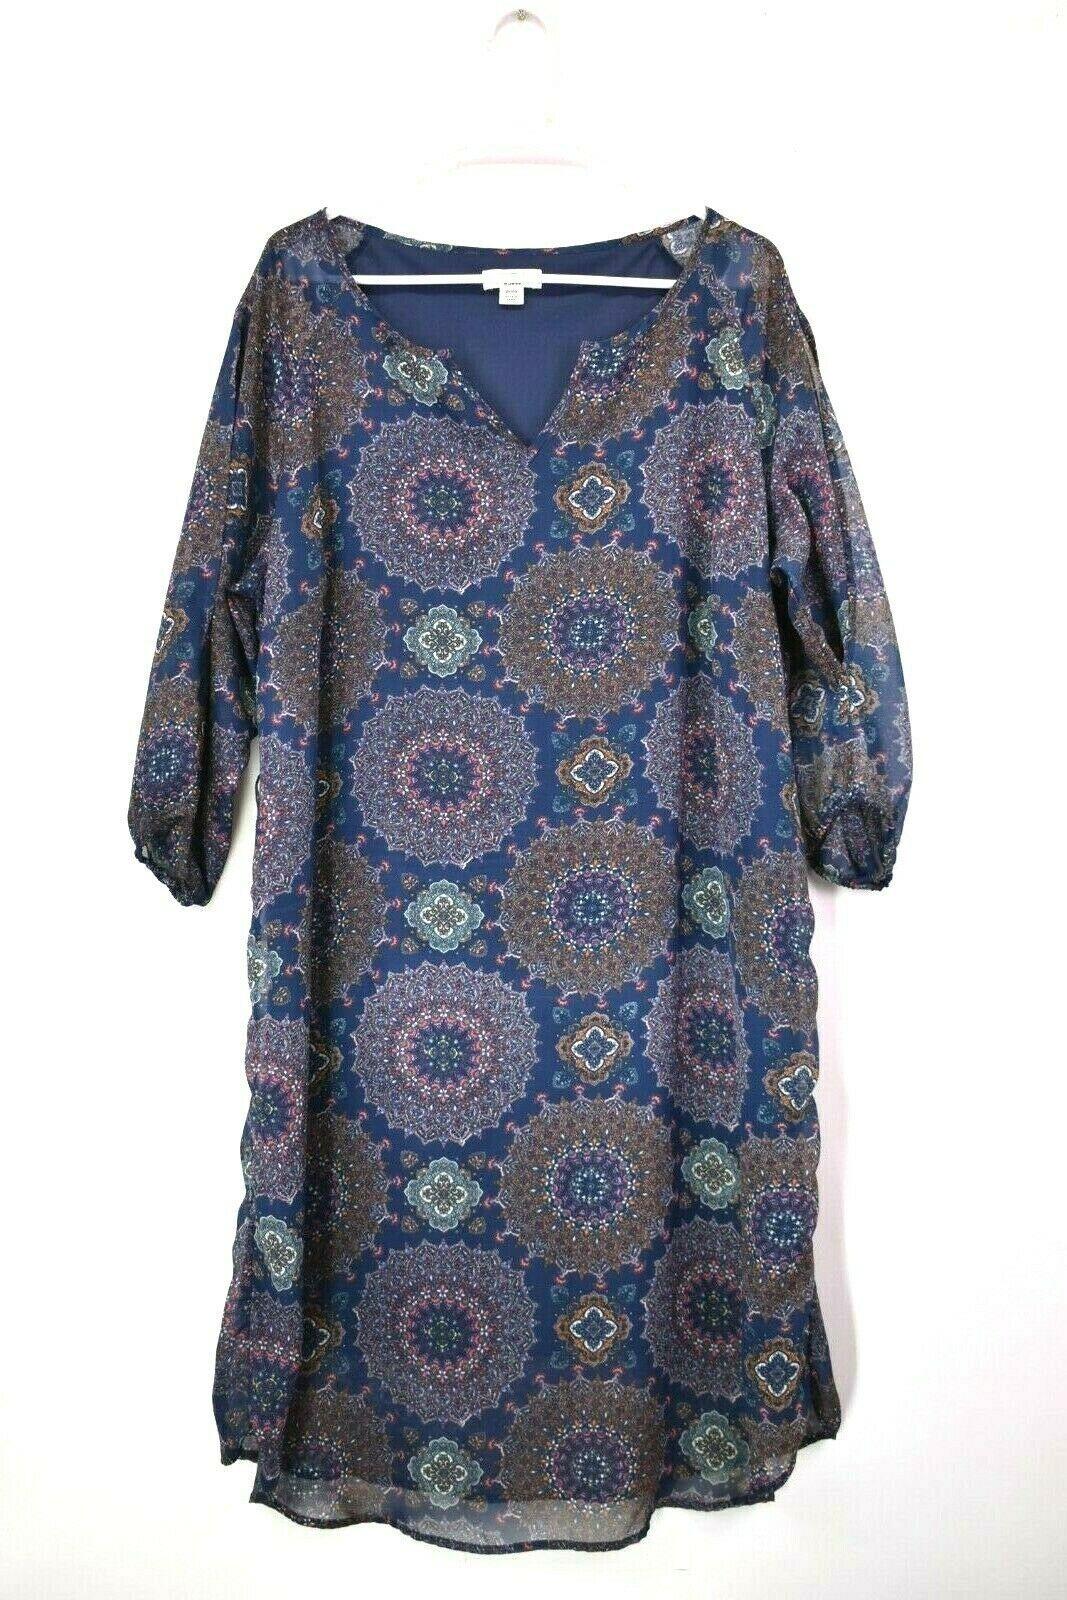 7f4a533cb9 Cato Women's Size 18/20W 3/4 Sleeve V-Neck Dress - $22.99